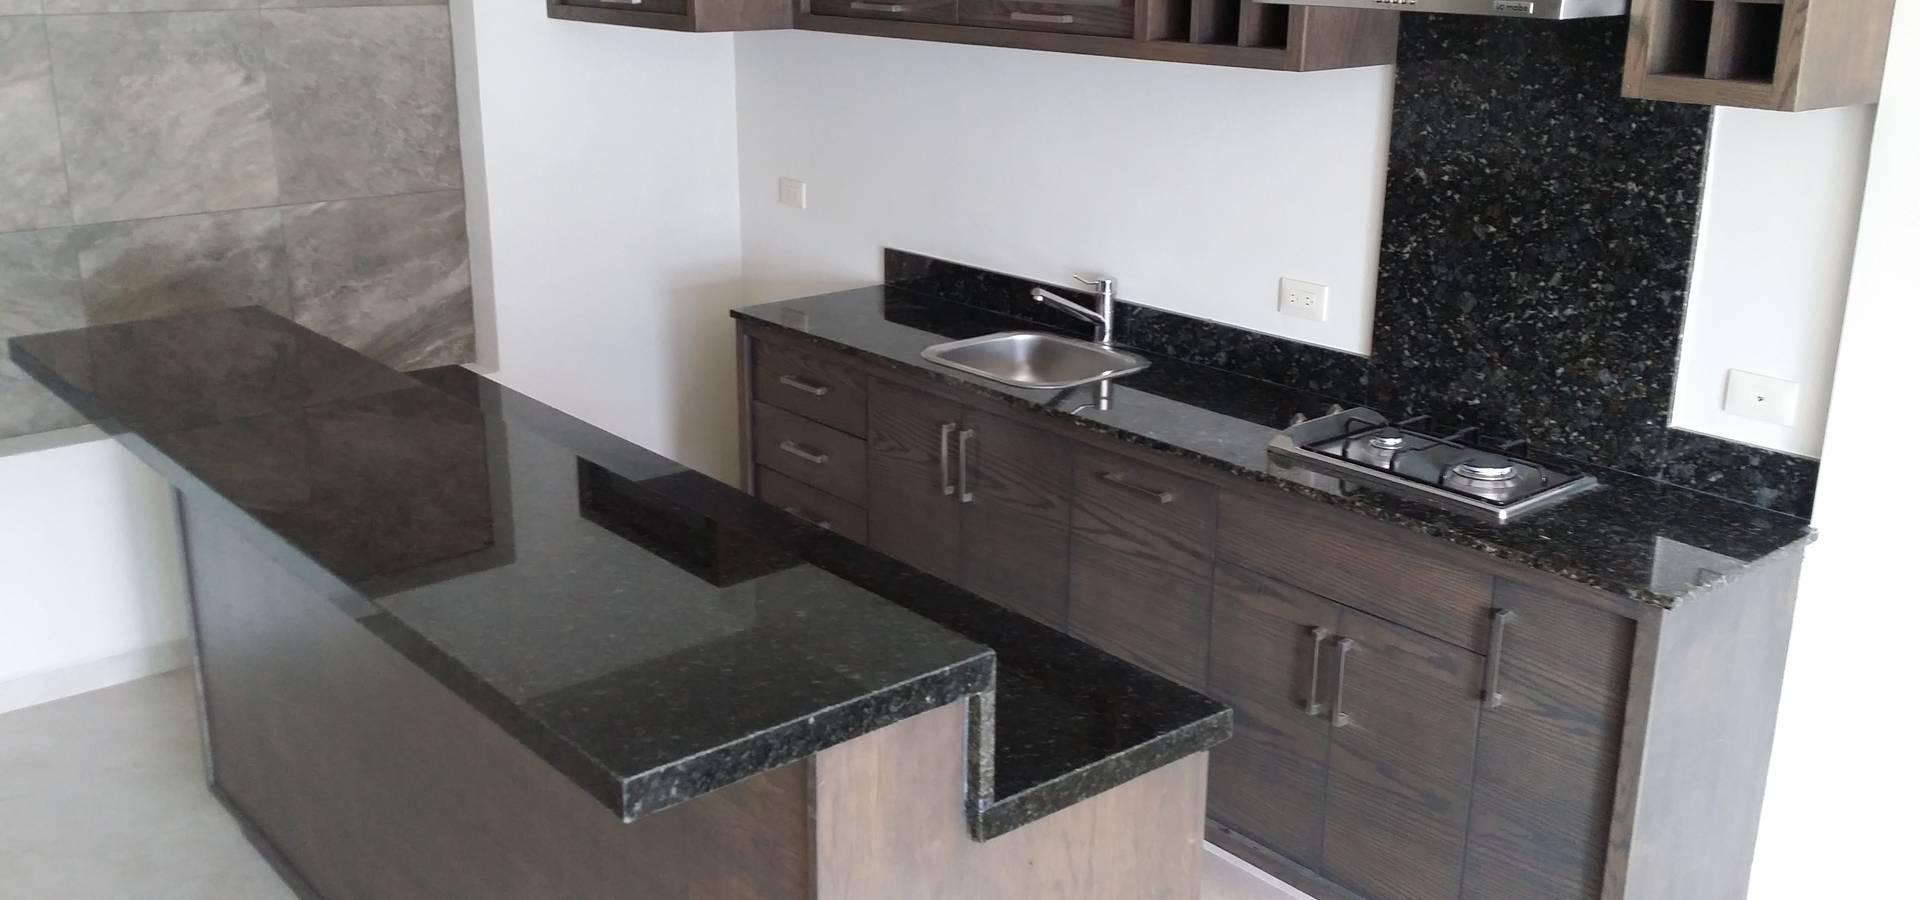 Baldai mobiliario dise adores de cocinas en monterrey - Disenadores de cocinas ...